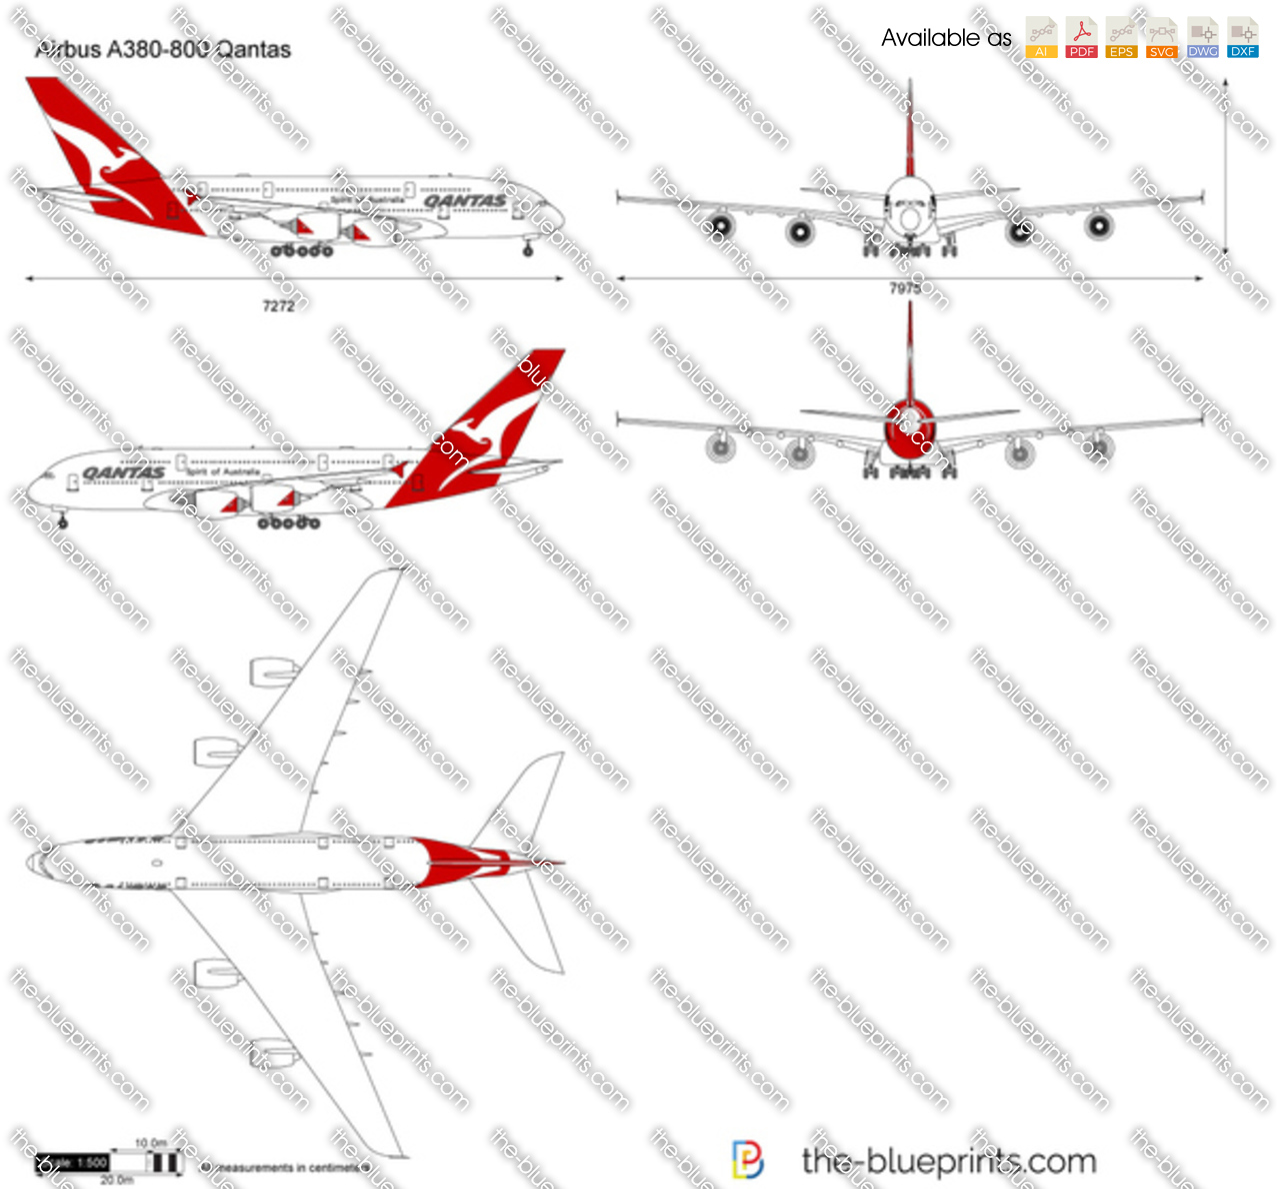 Airbus A380-800 Qantas